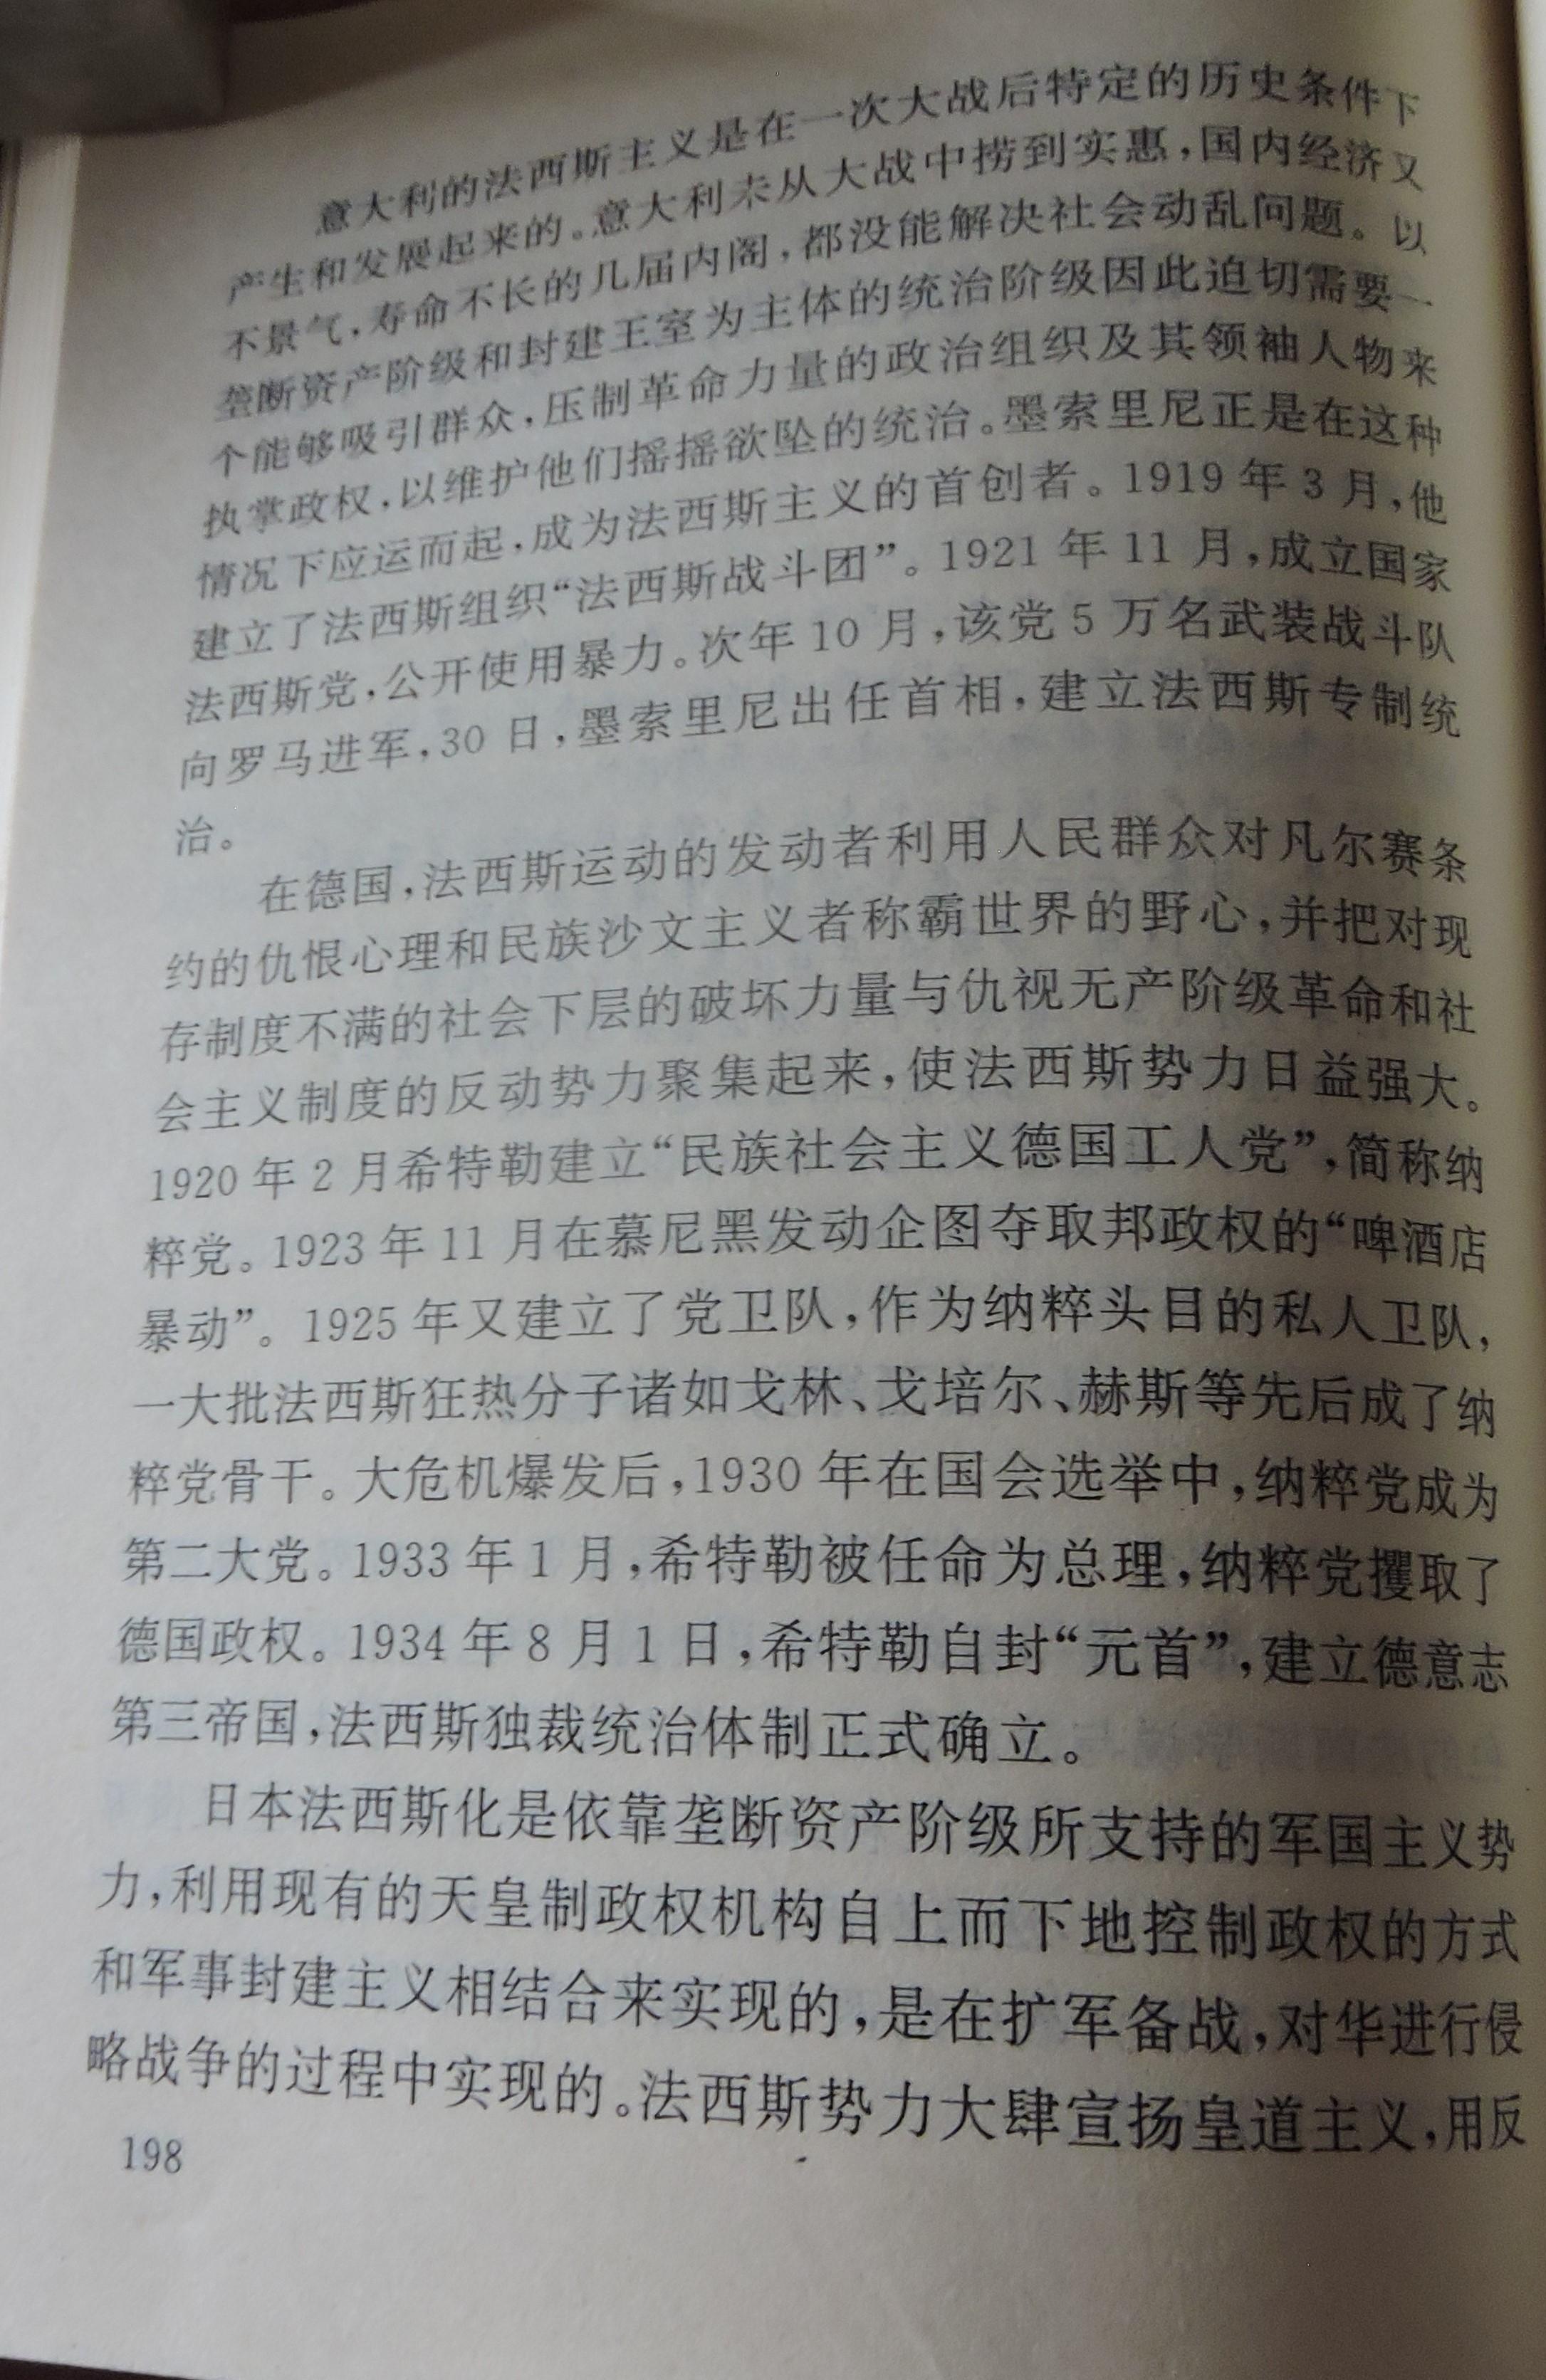 2 DSCN8154.jpg